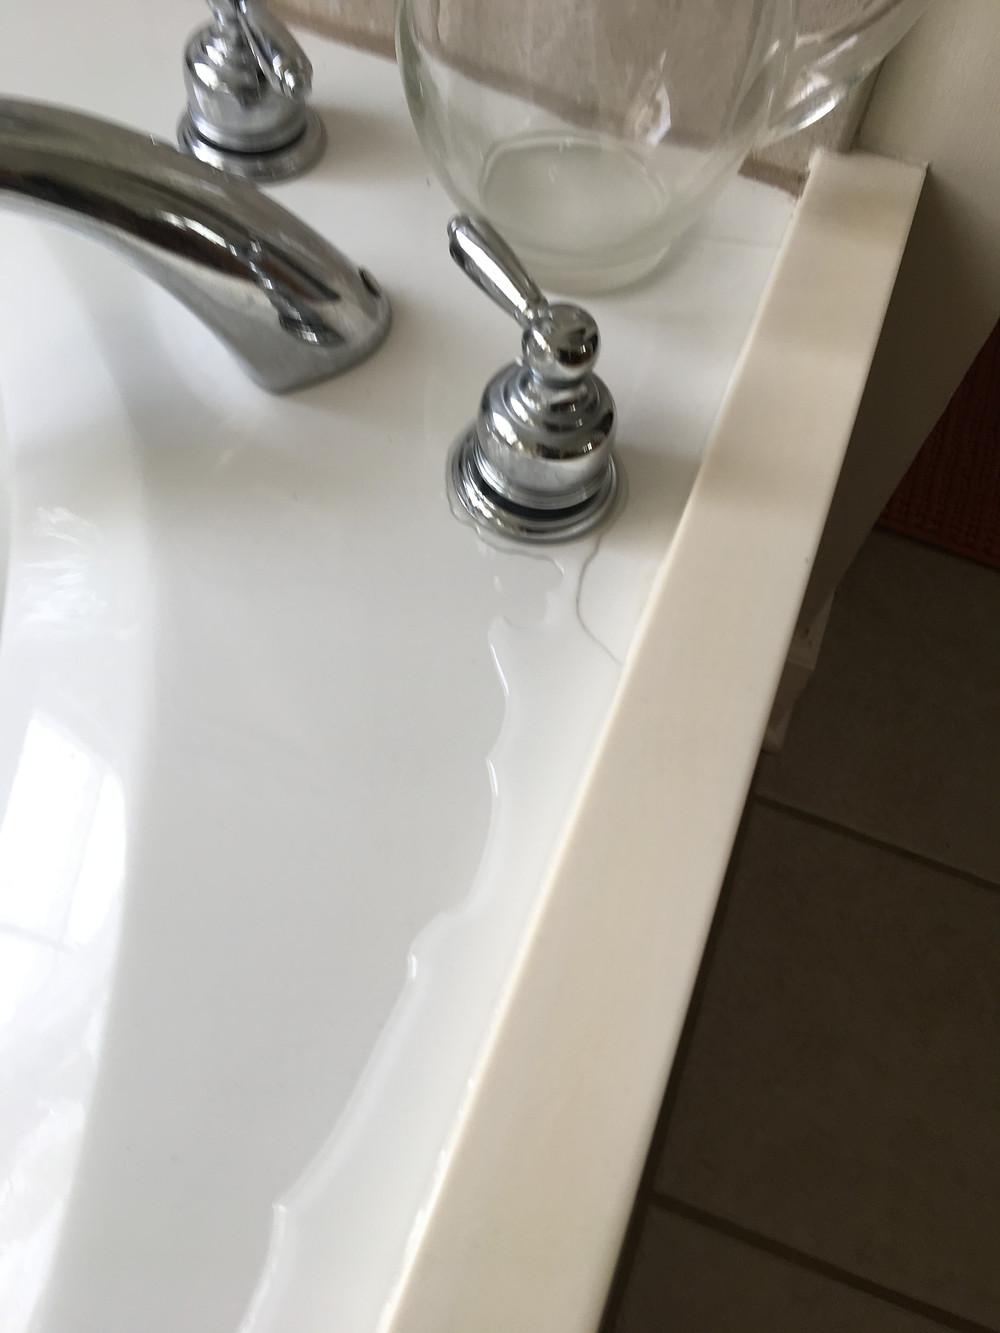 Leaking bathroom tub handle